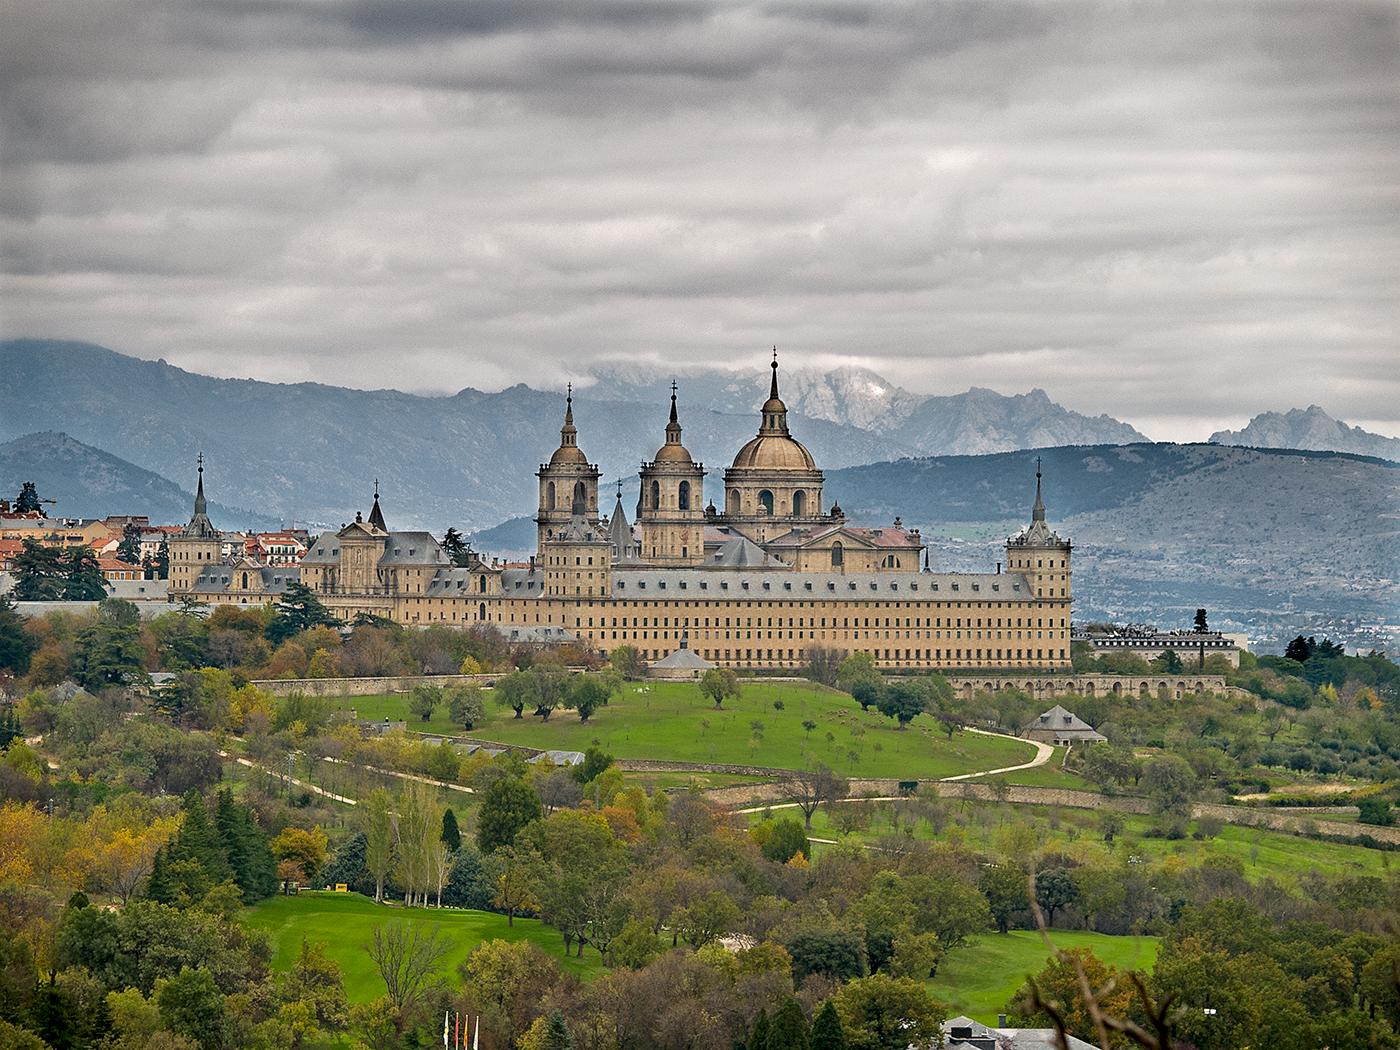 Monasterio del Escorial desde silla FII.com